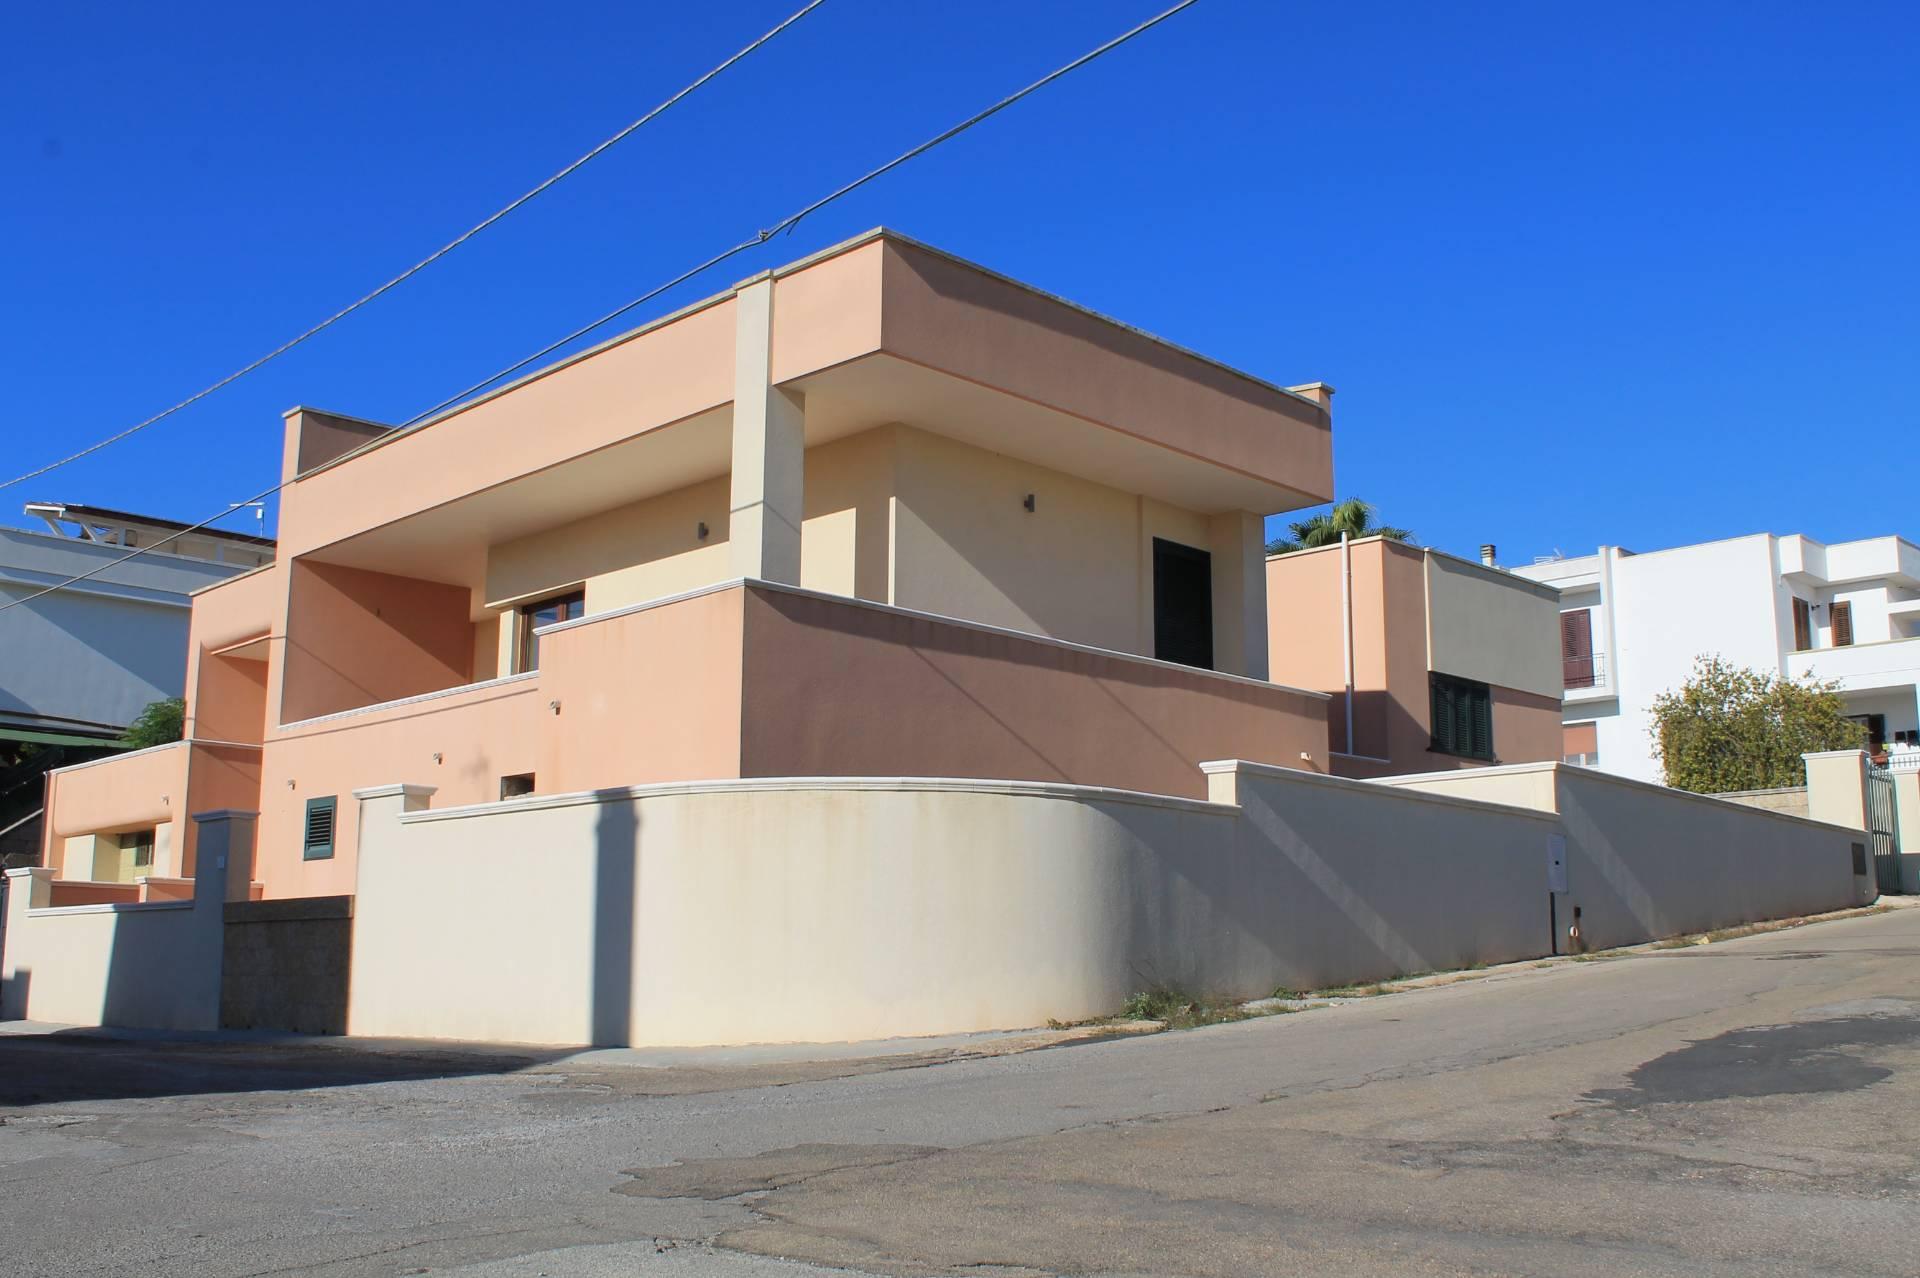 Soluzione Indipendente in vendita a Andrano, 4 locali, zona Zona: Castiglione, prezzo € 195.000 | CambioCasa.it